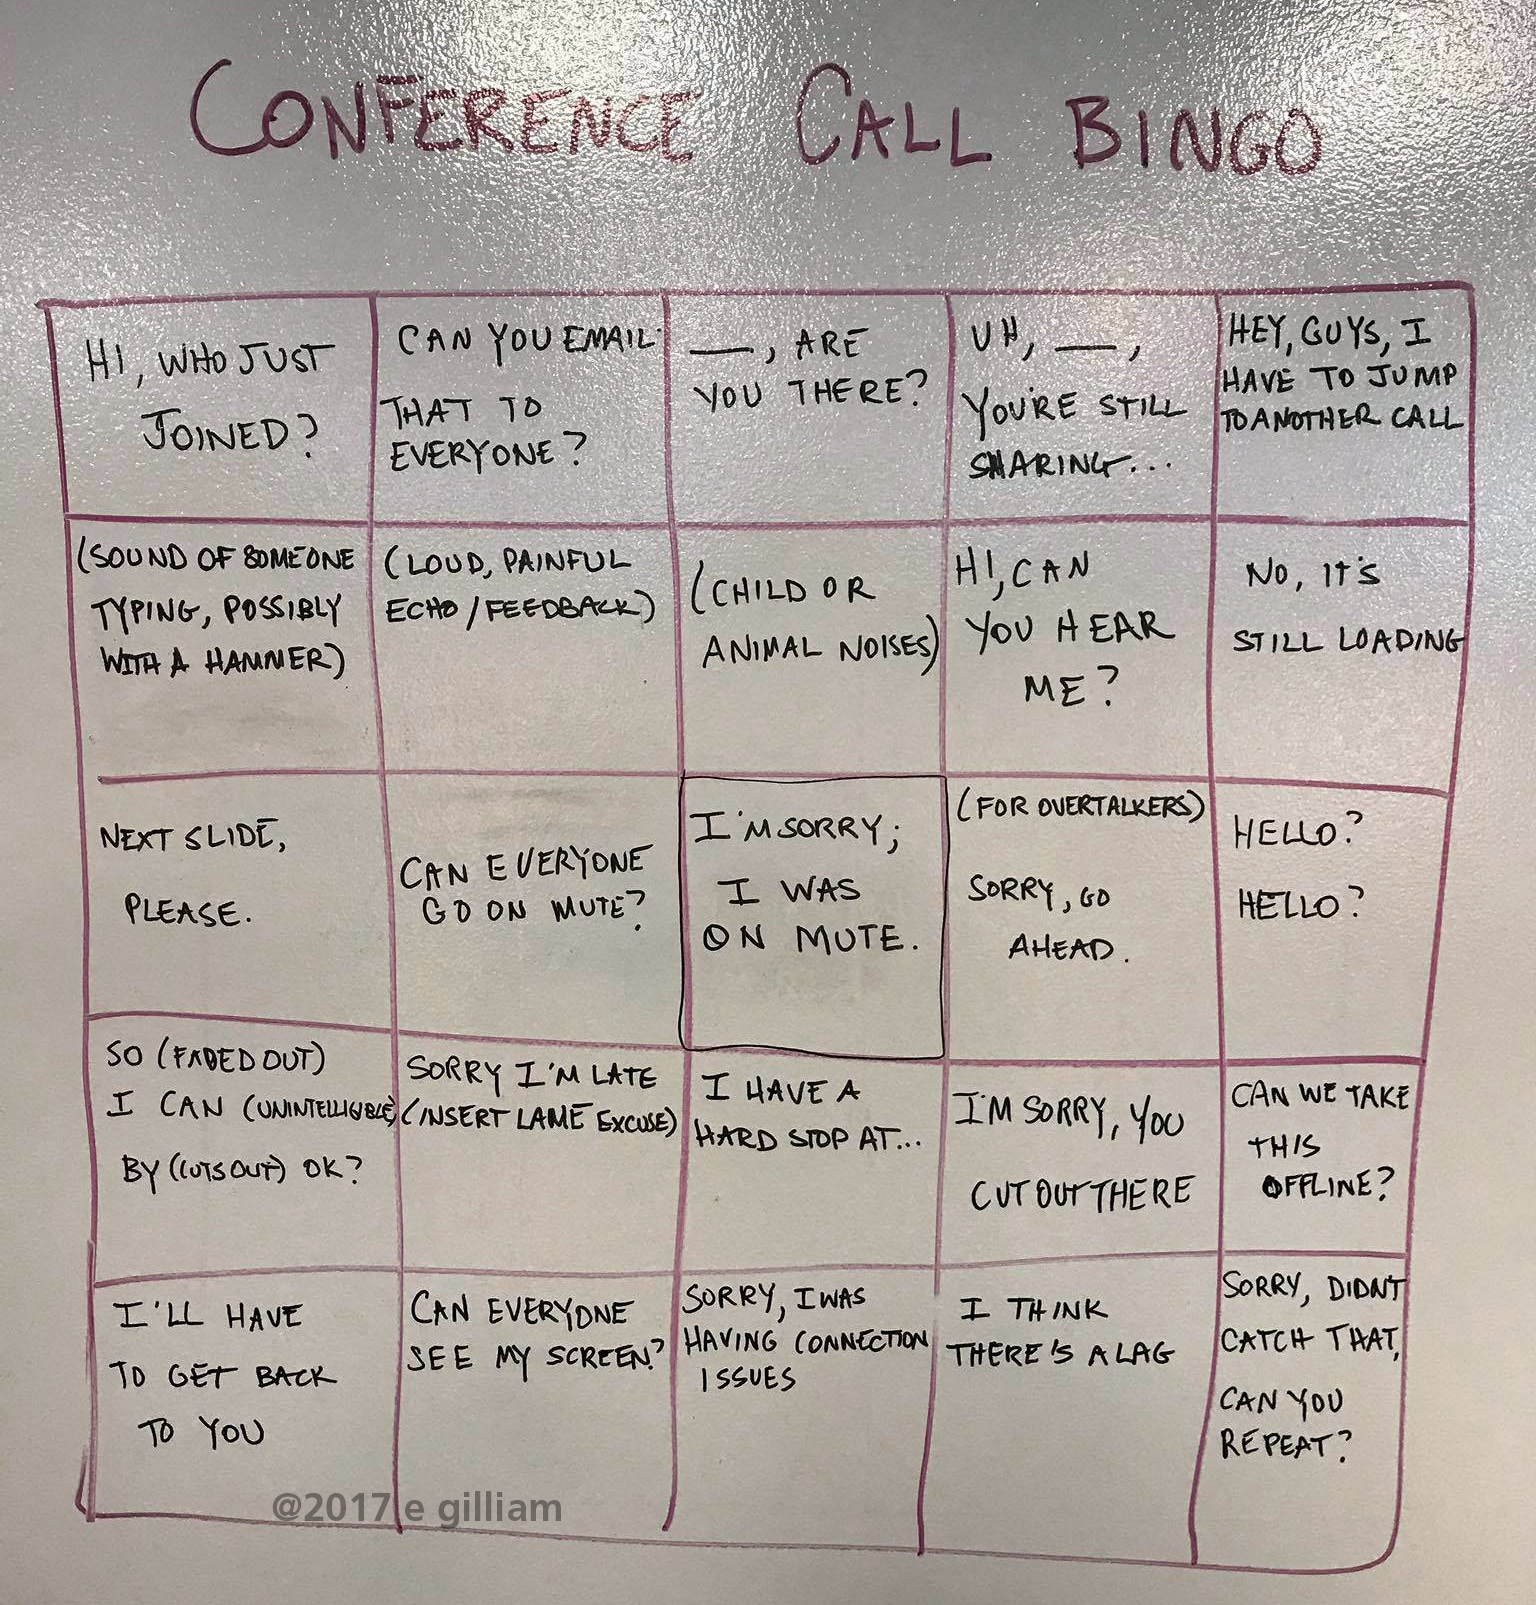 ConferenceCallBingo.jpg